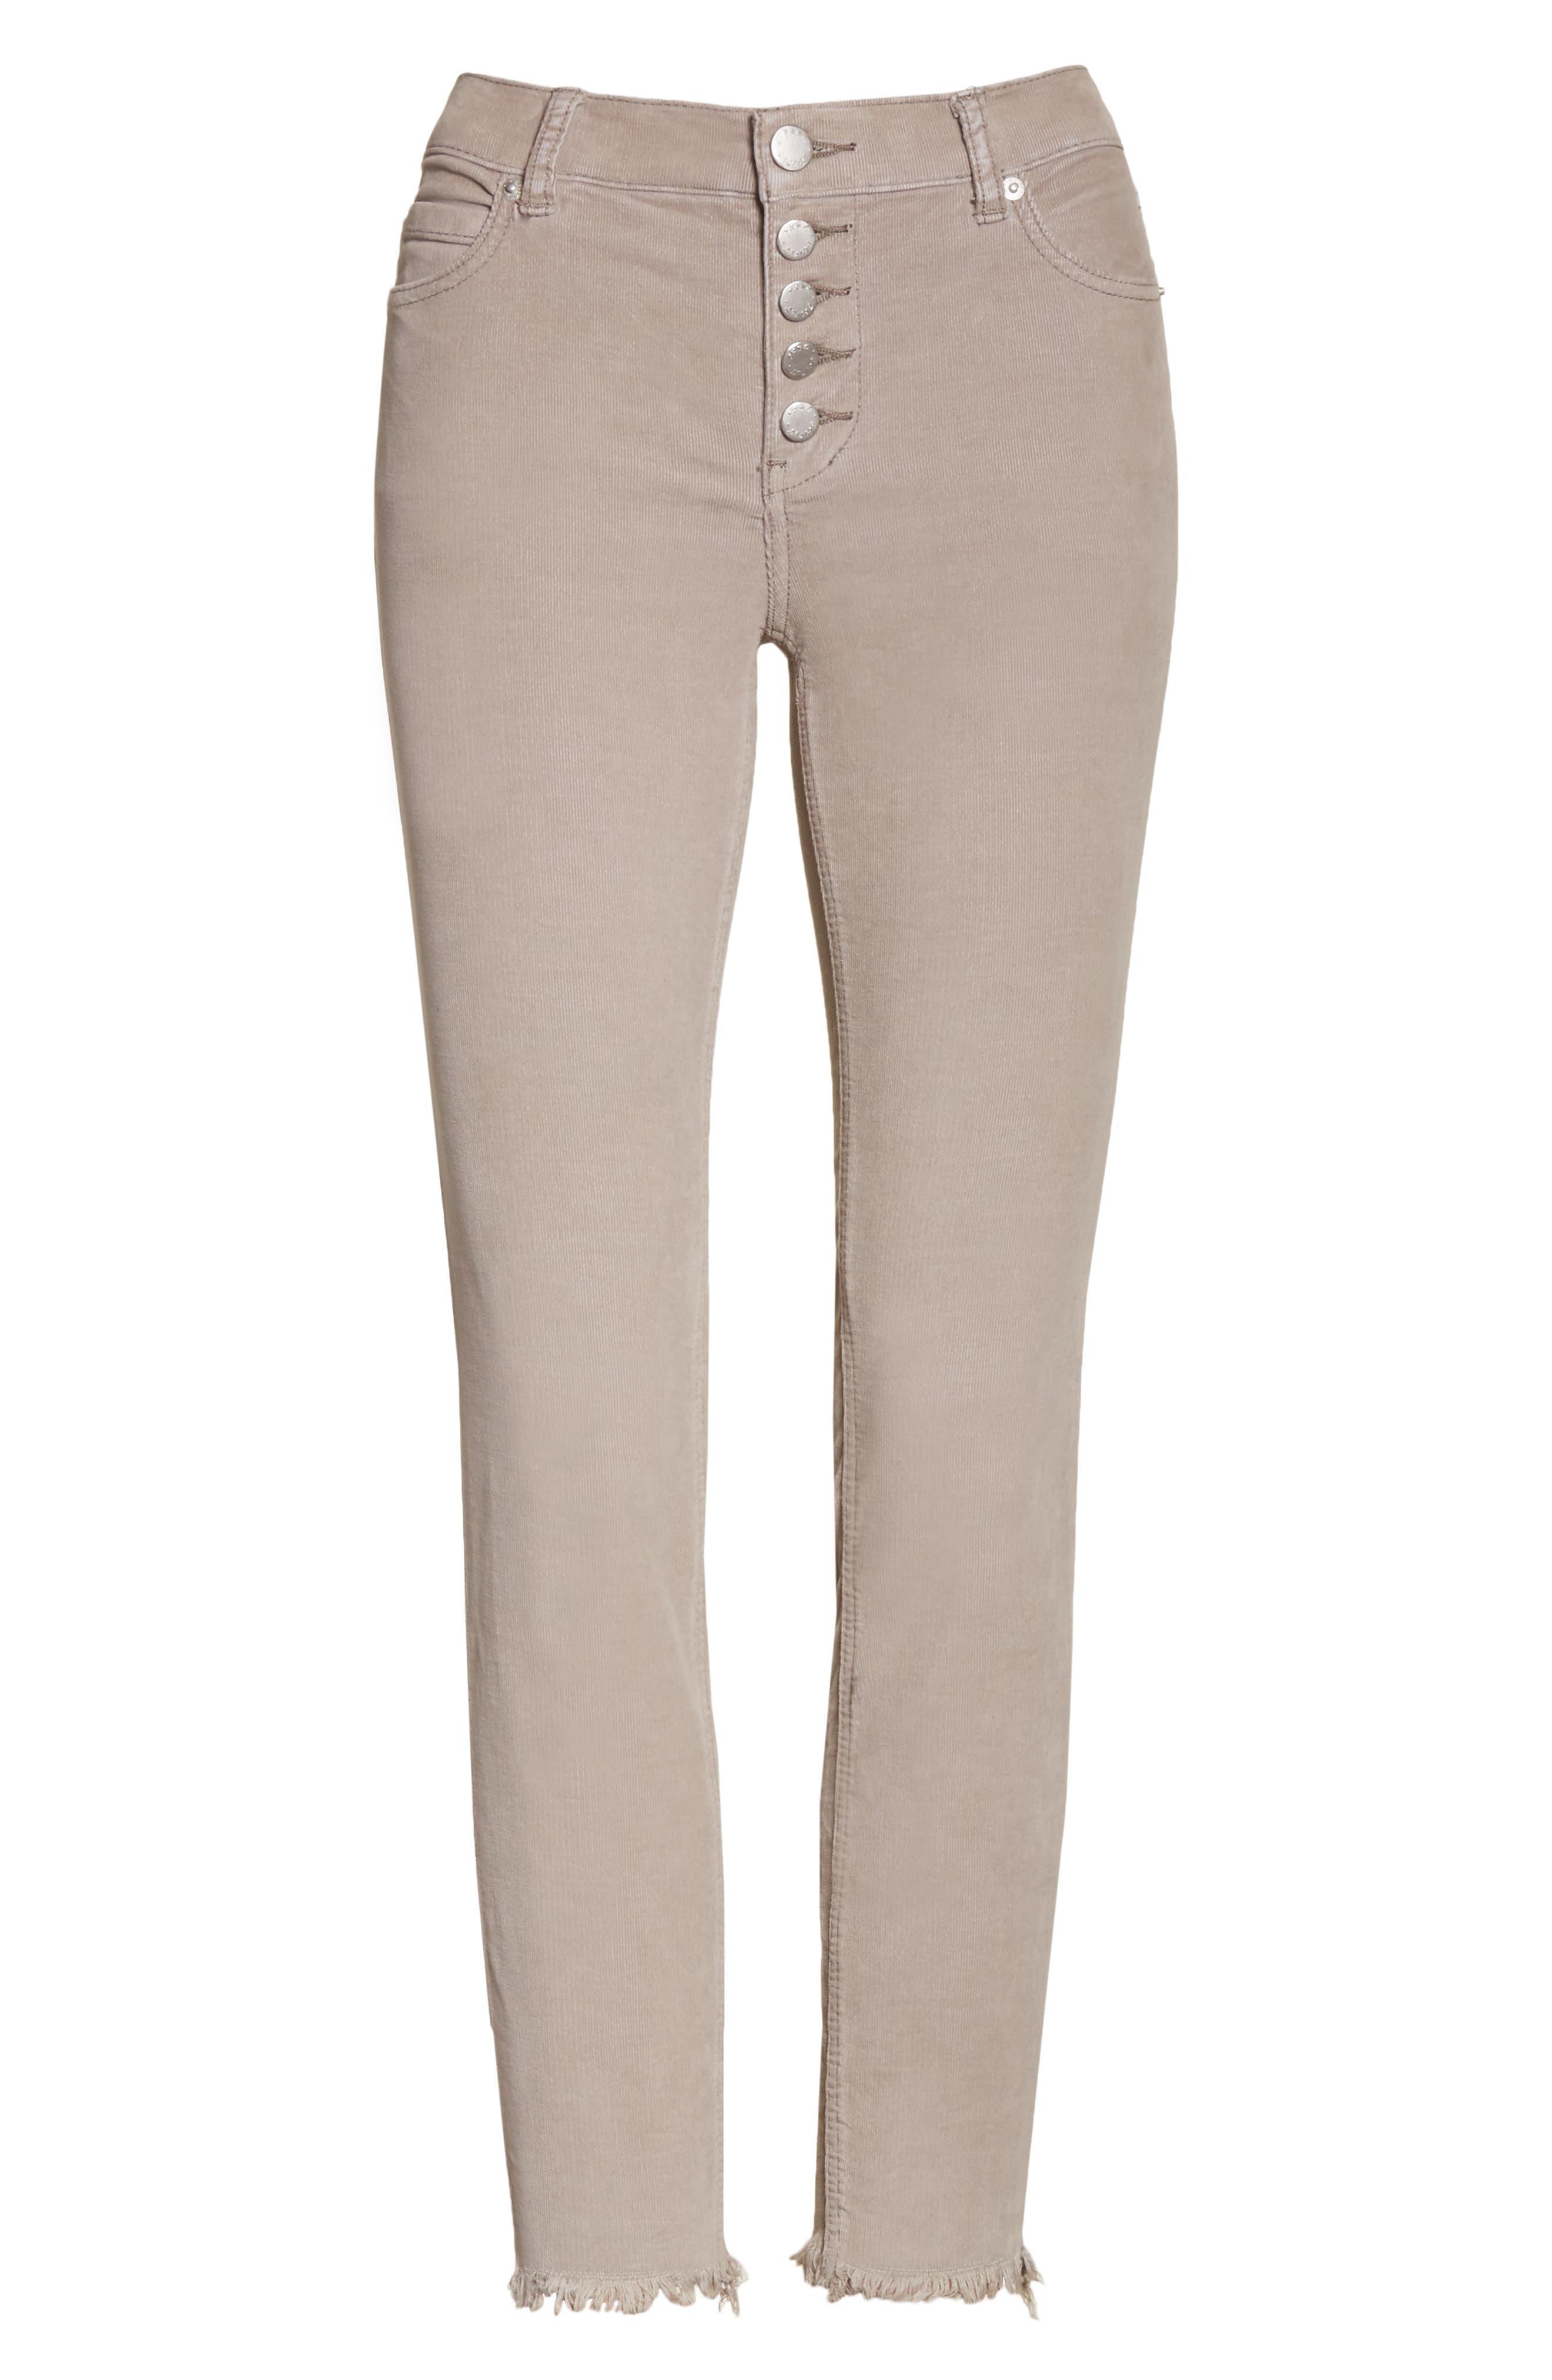 Reagan Crop Skinny Jeans,                             Alternate thumbnail 6, color,                             030